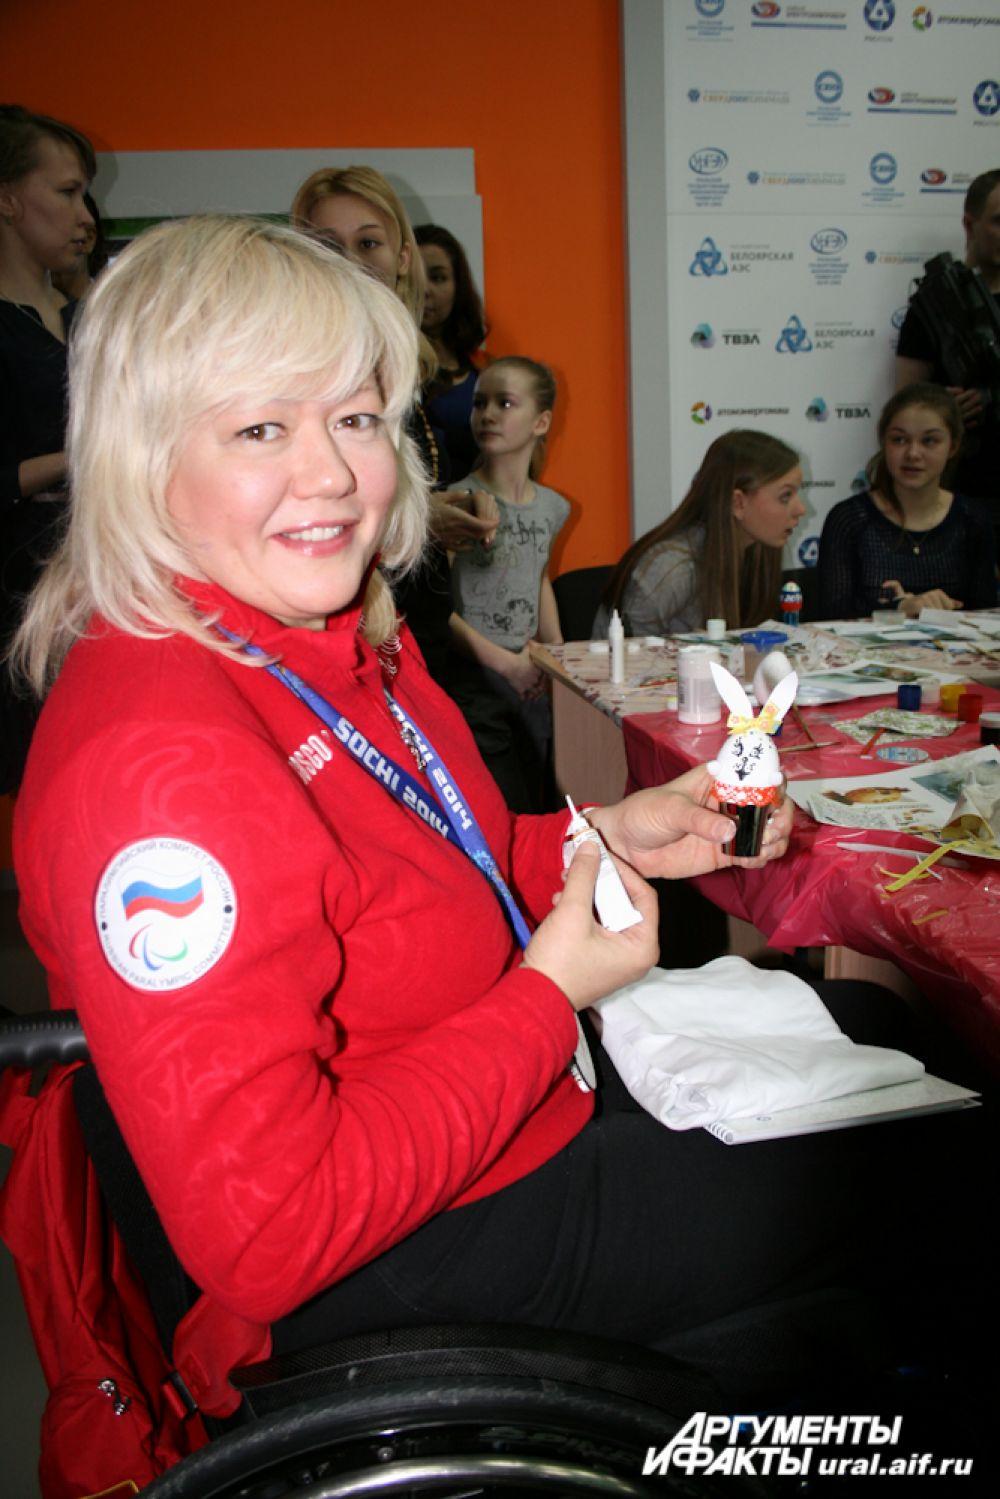 Призер Паралимпиады Оксана Слесаренко решила сделать пасхального кролика.